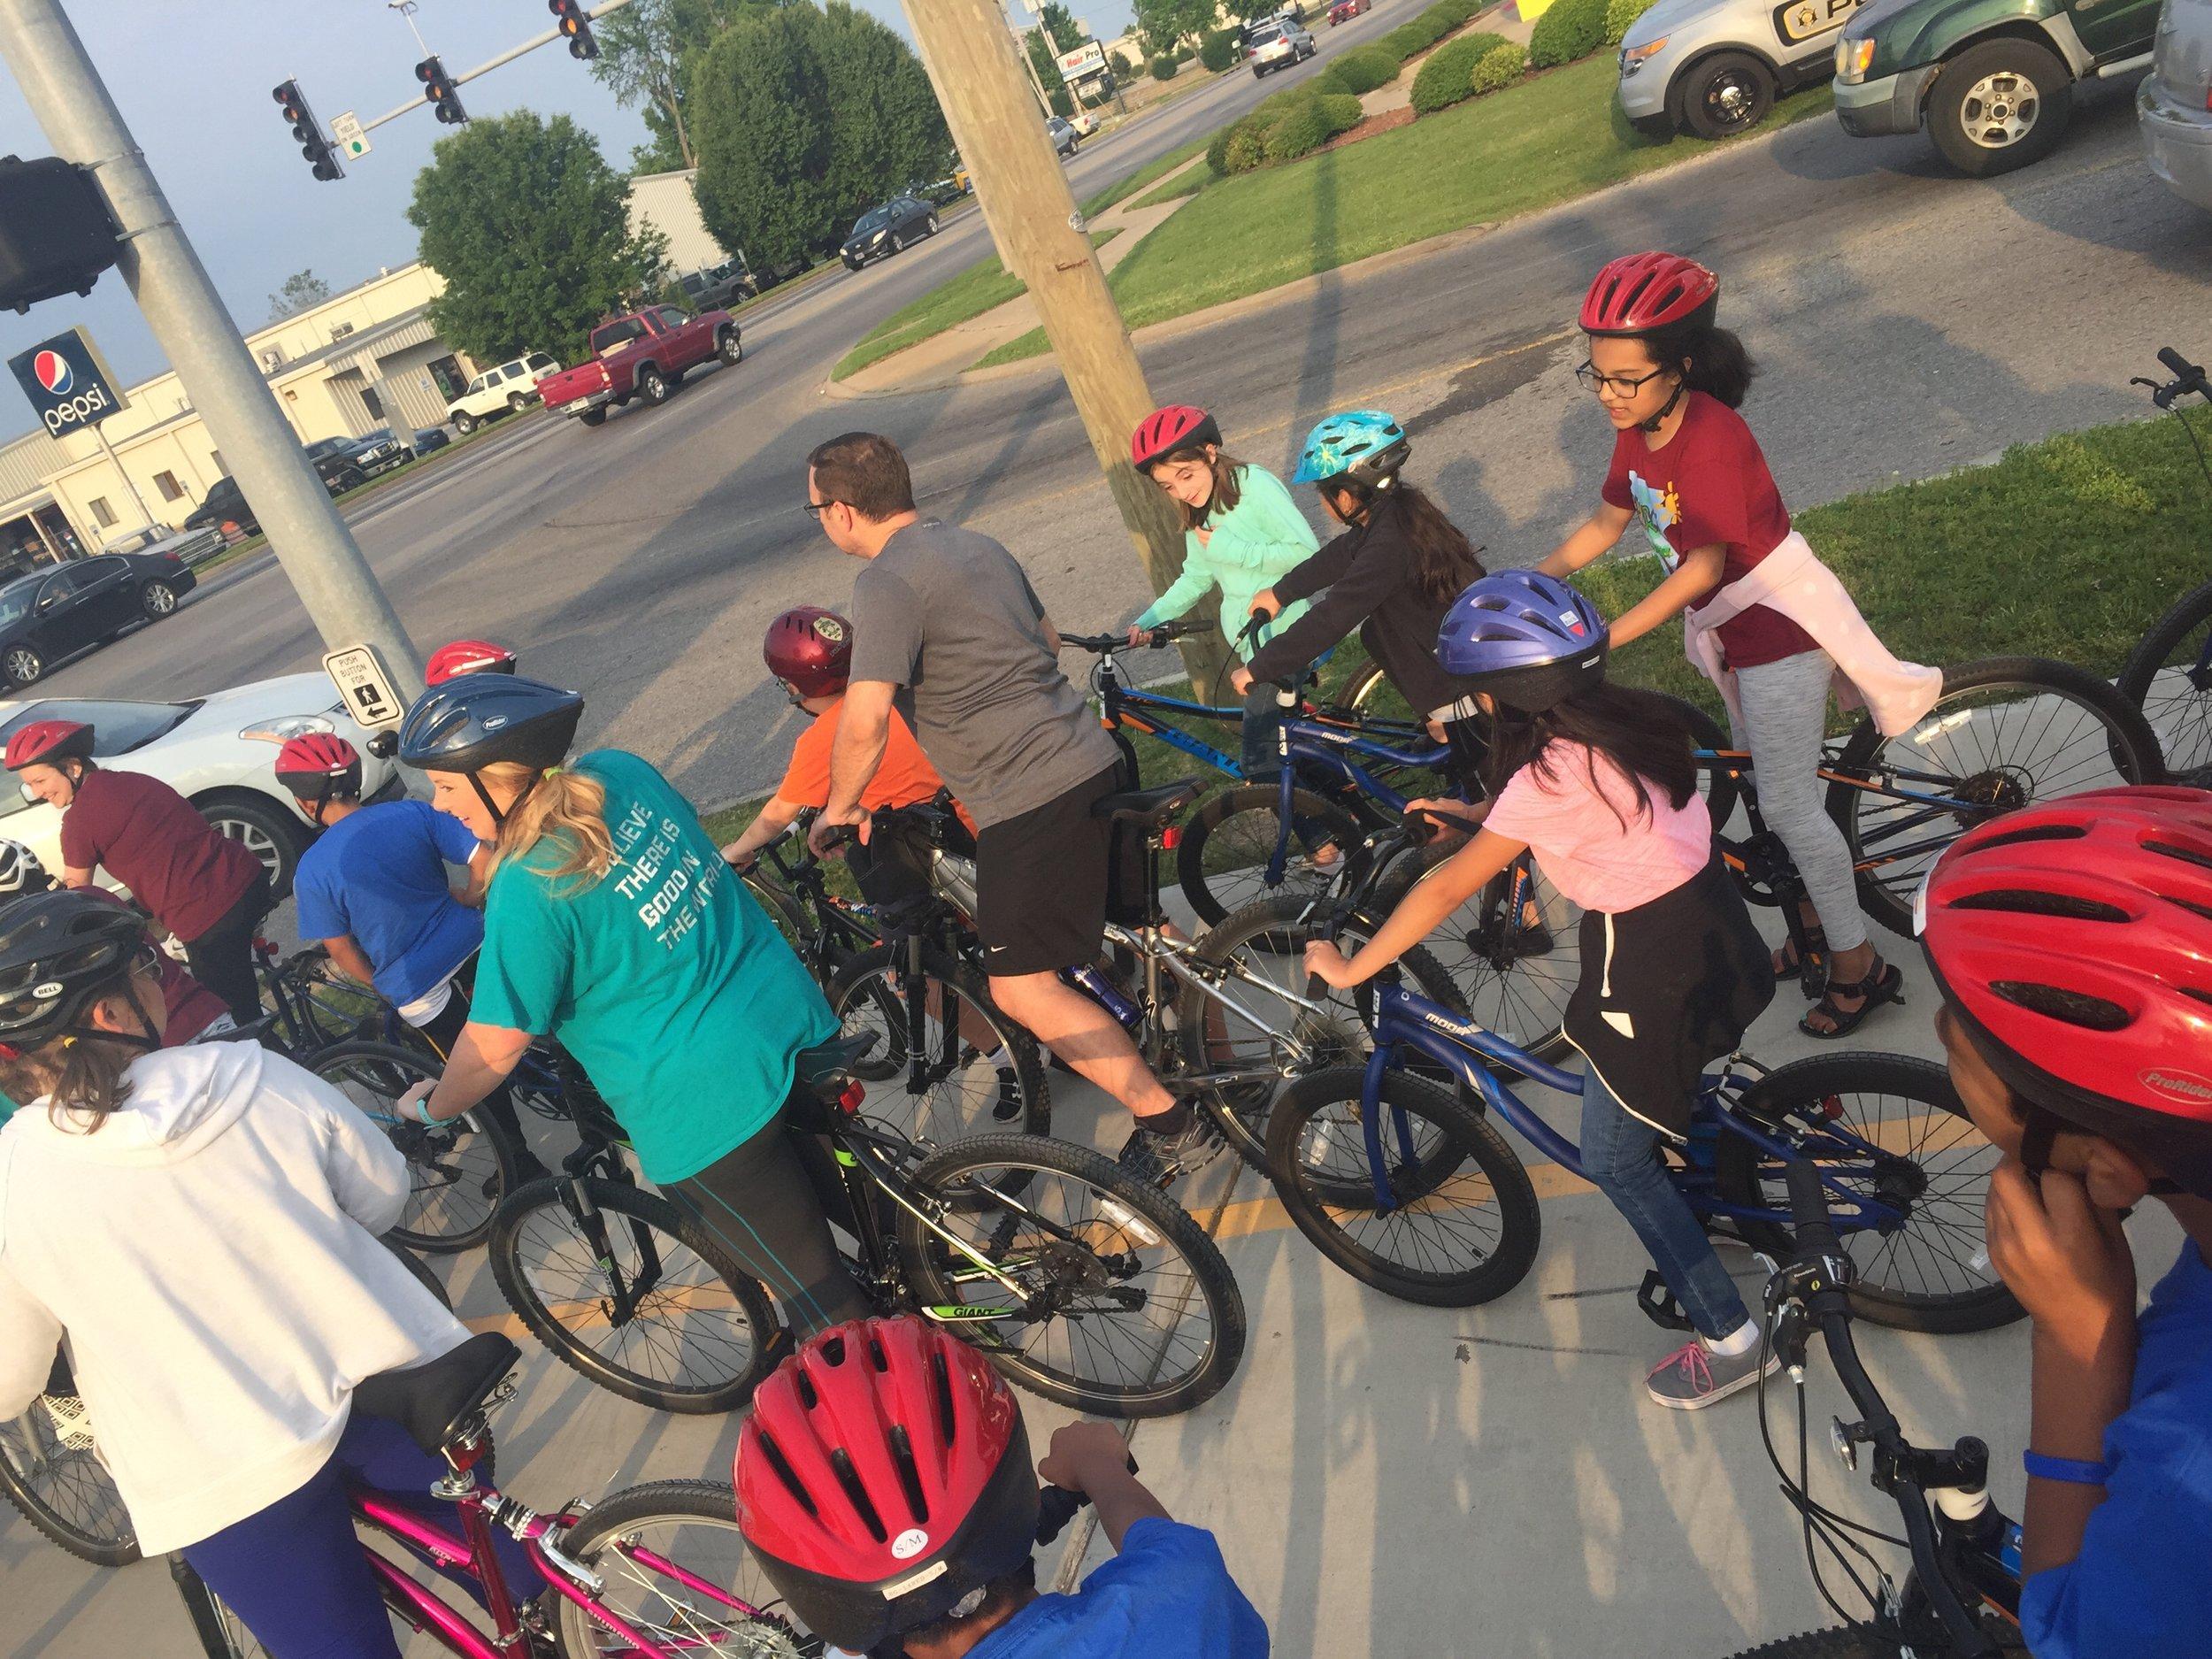 George Elementary School Bike Train in Springdale